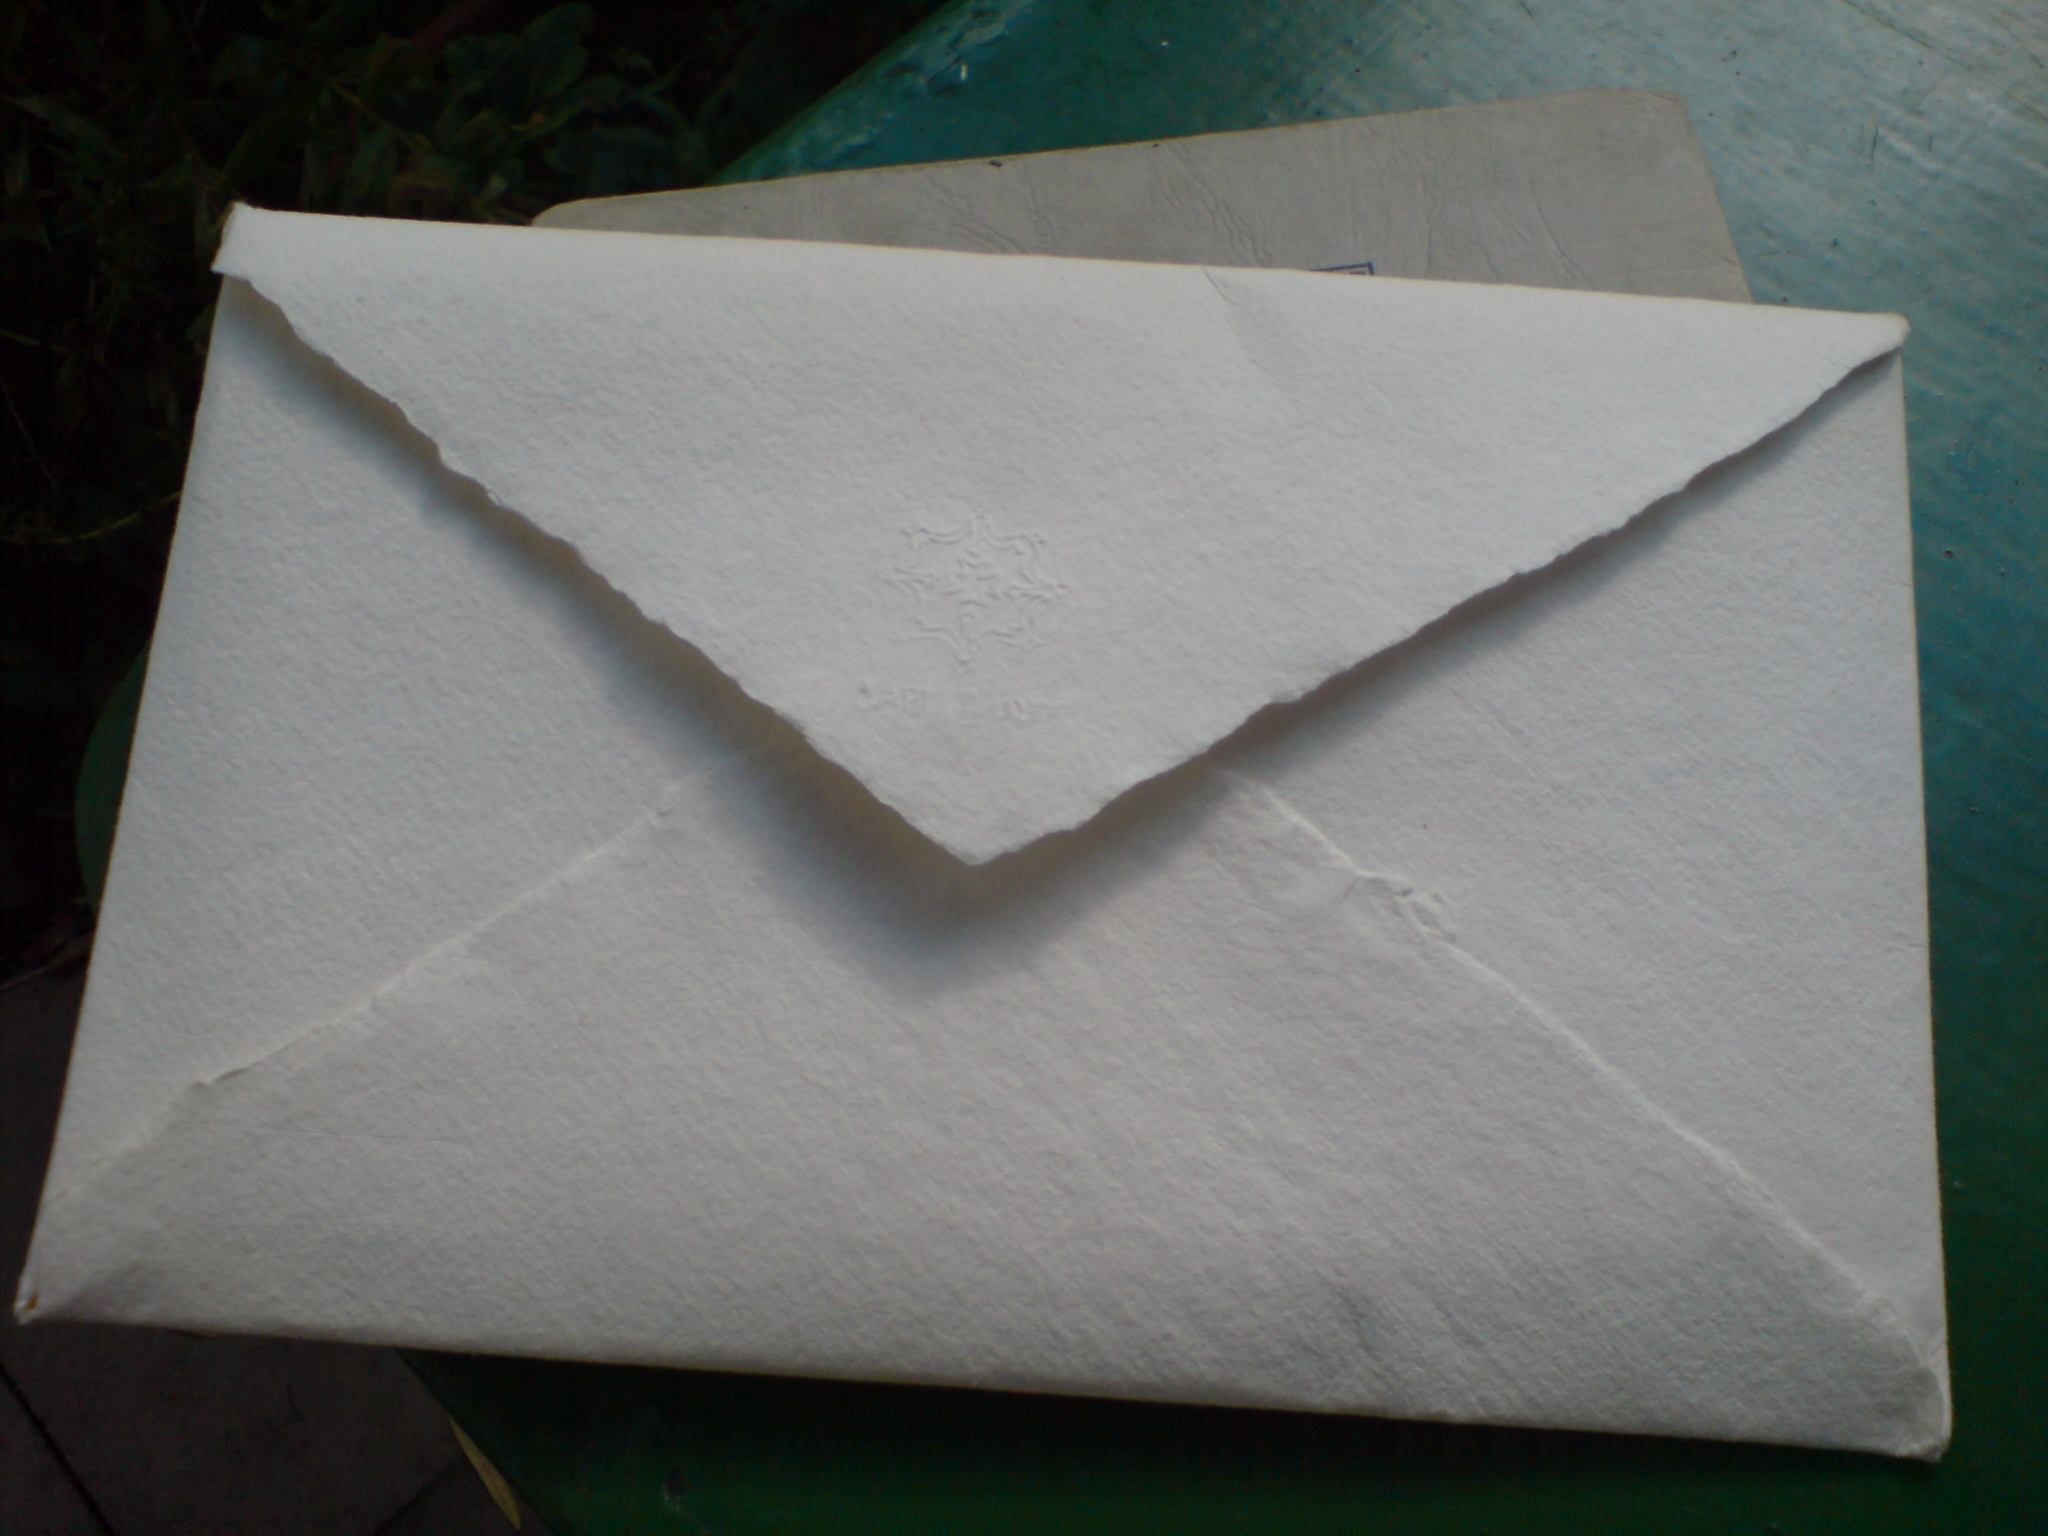 Newsletter, Newsletter abonnieren, Unruhewerk, Texthandwerkerin, Kommunikation, Älterwerden